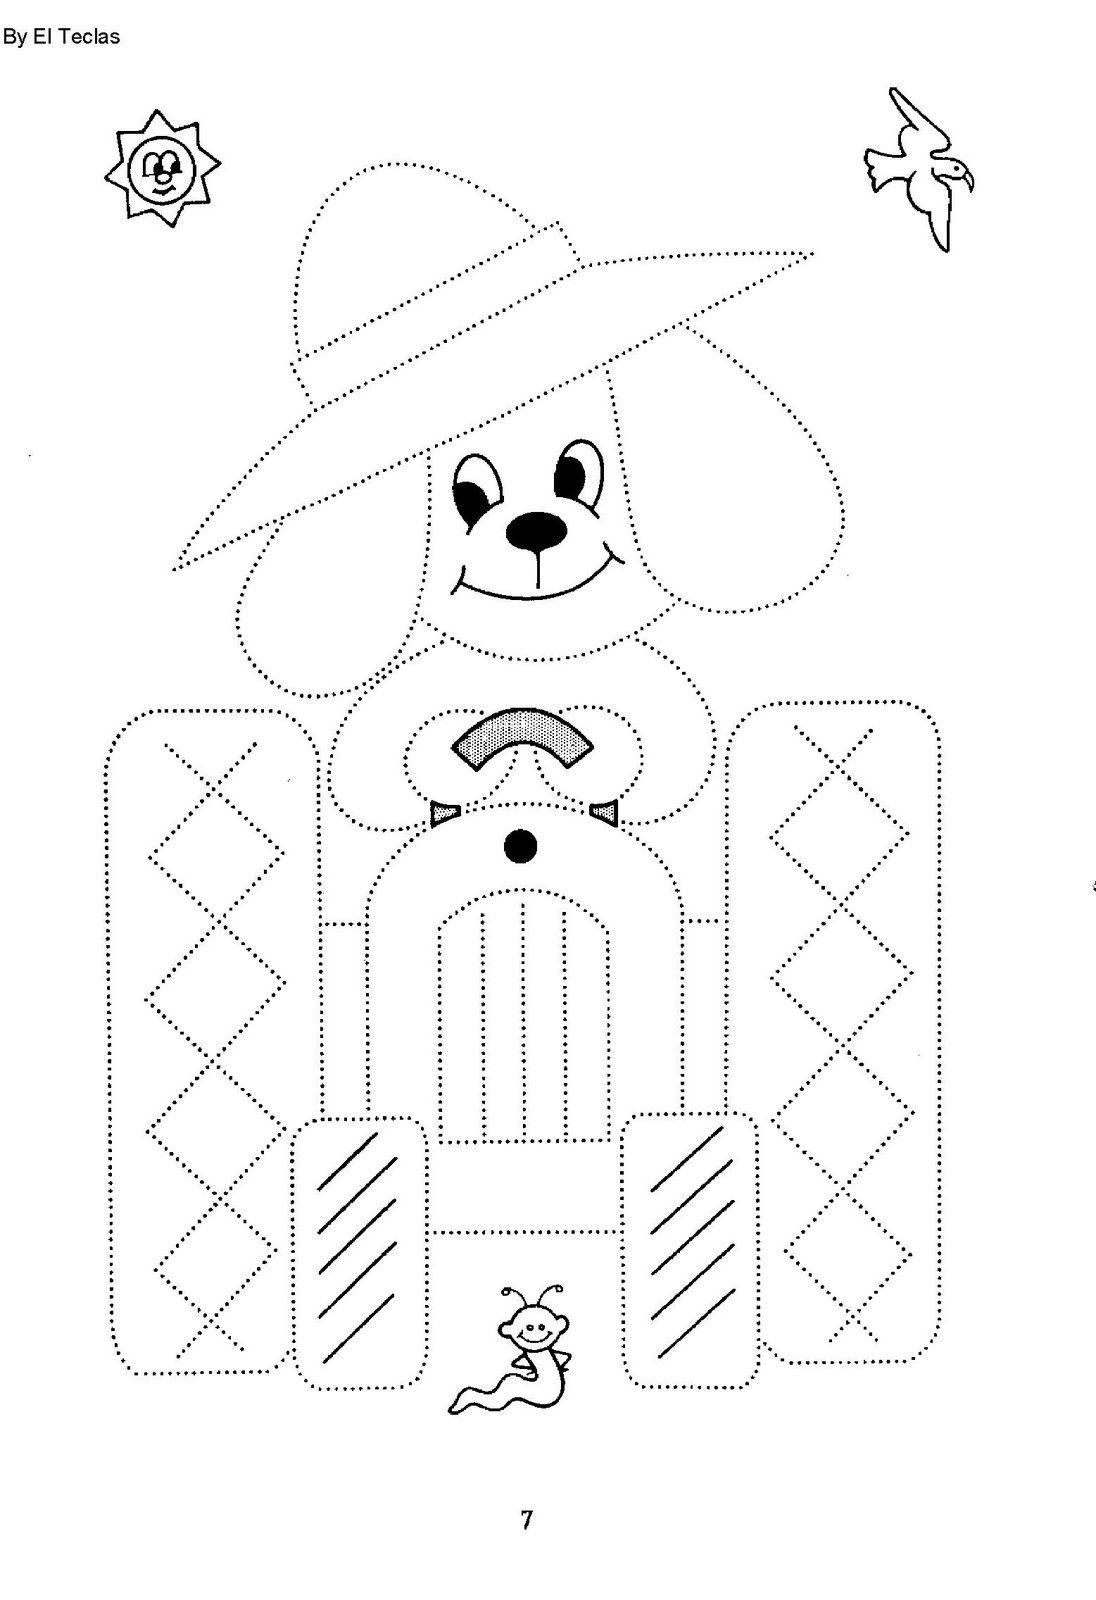 Dibujos Para Colorear Y Practicar La Caligrafia Uniendo Puntos Actividades Para Ninos Preescolar Grafomotricidad Ninos De Preescolar